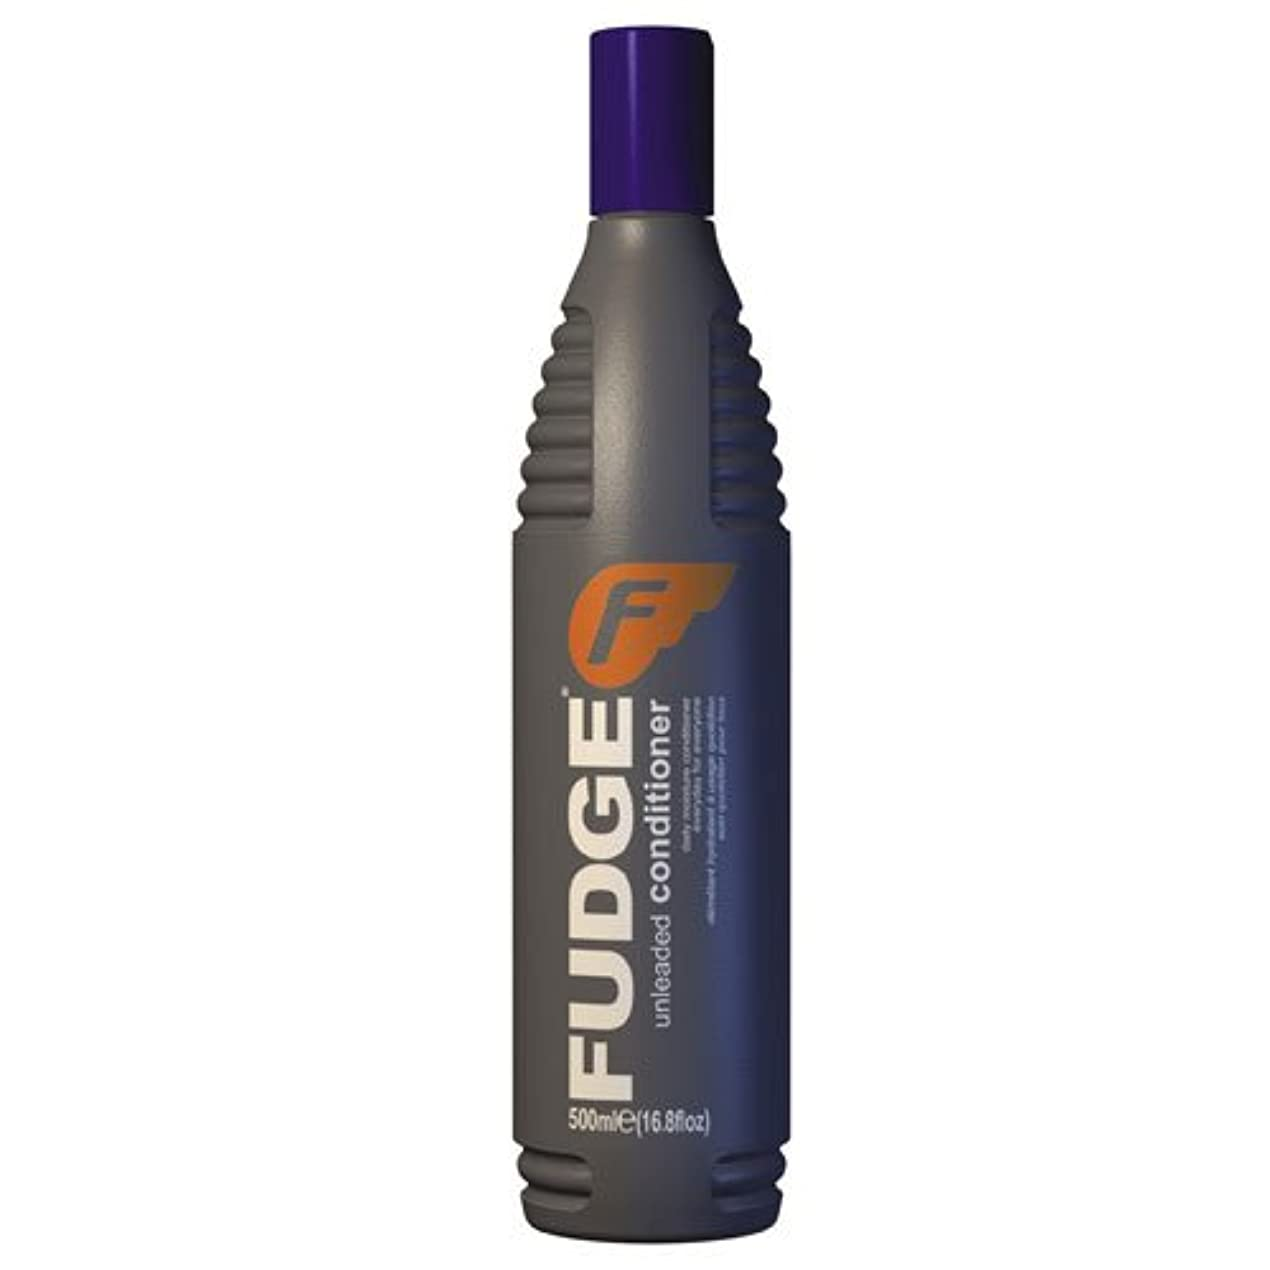 貯水池テクスチャー余分なFudge 無鉛コンディショナー16.8オンス